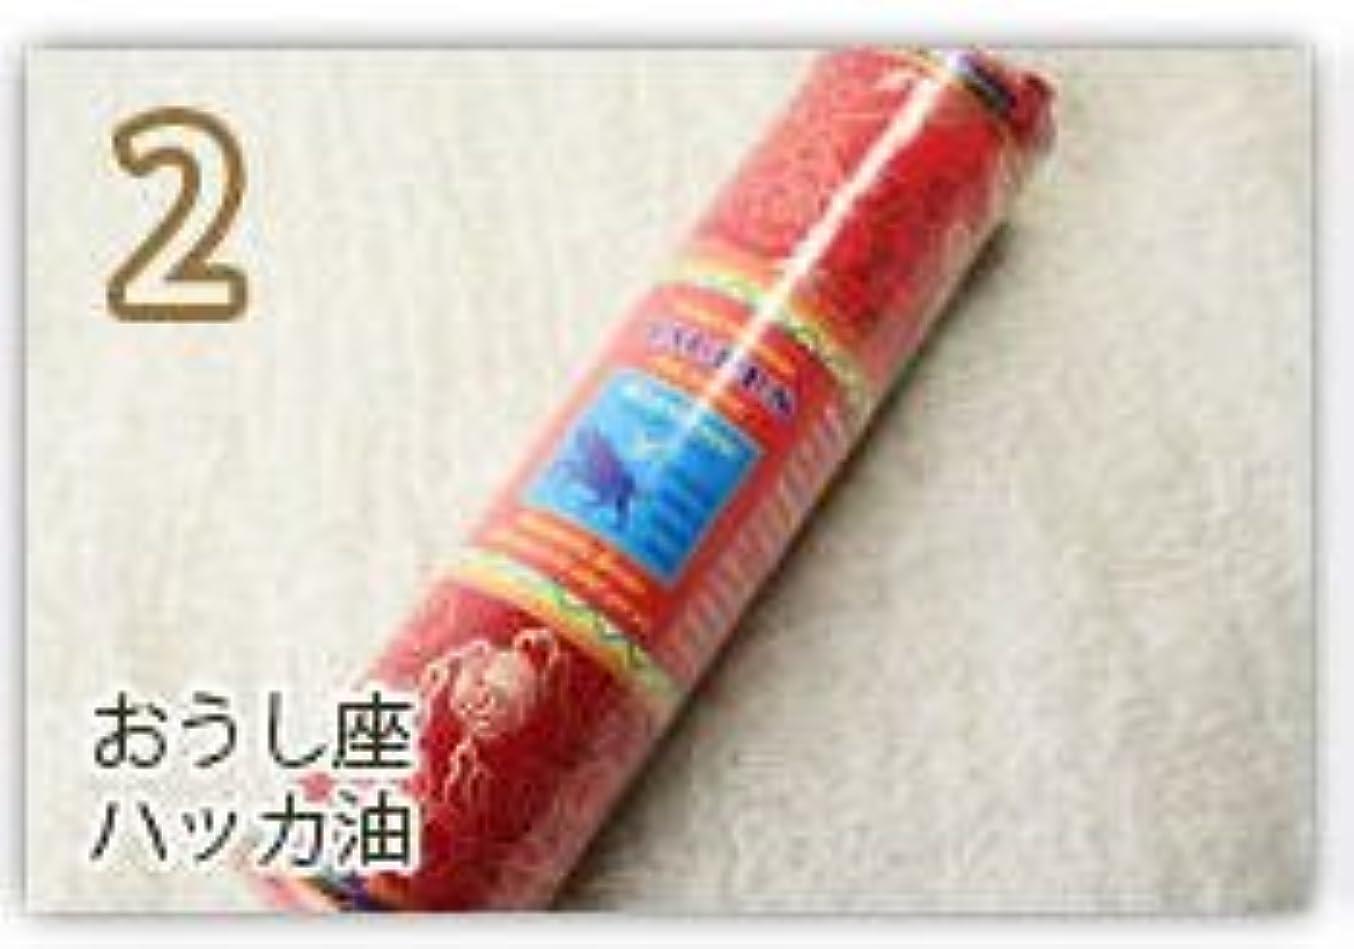 12星座別に香りを配合したネパール製お香 ホロスコープインセンス (2.Taurus (おうし座))